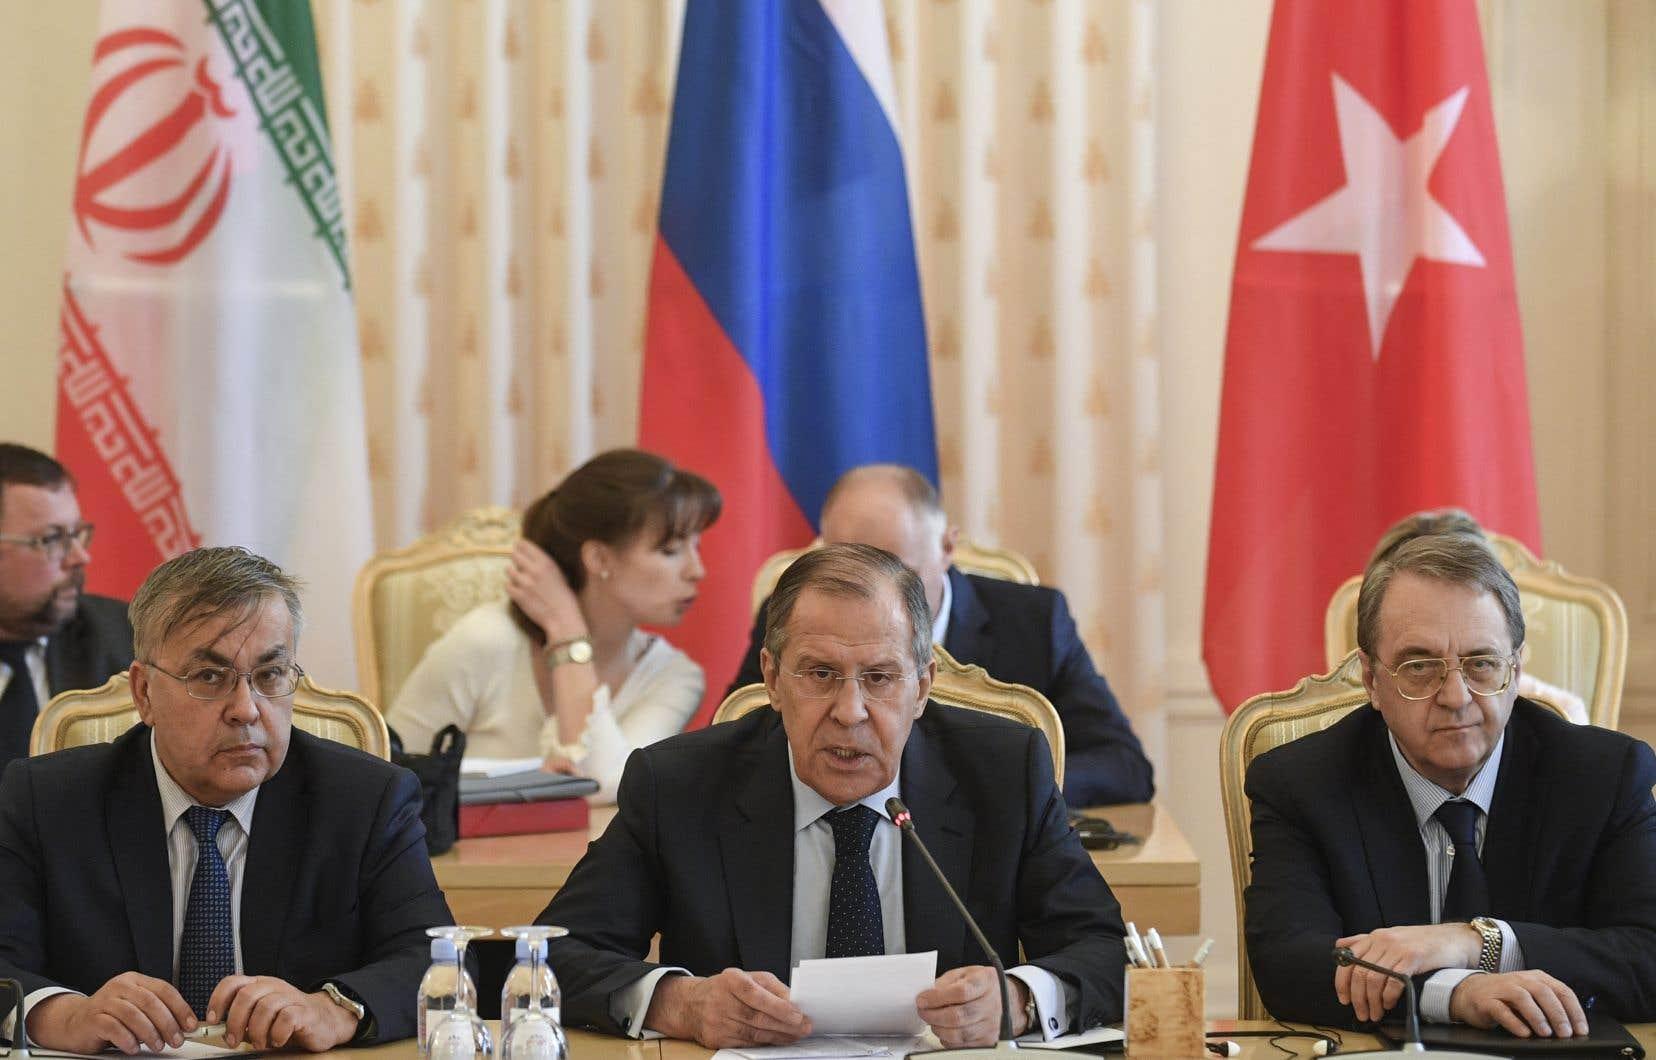 Le ministre russe des Affaires étrangères, Sergueï Lavrov (au centre), s'exprime lors d'une rencontre avec ses homologues Mevlüt Cavusogluet Mohammad Javad Zarif à Moscou, samedi.